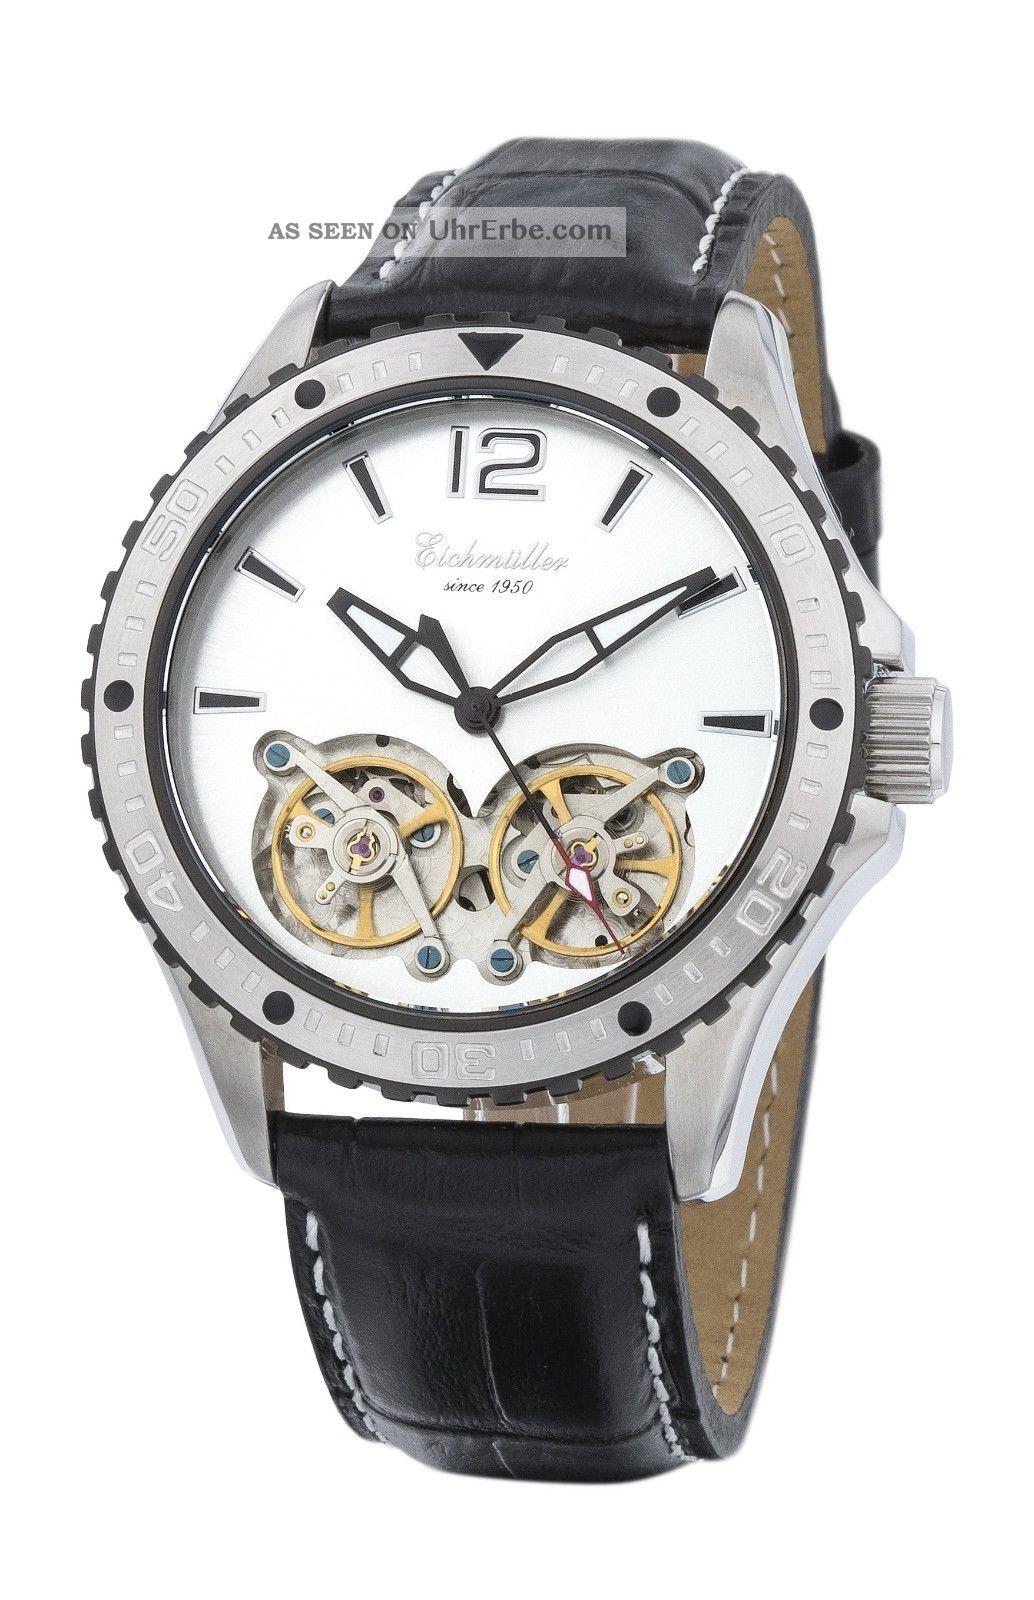 Silberne EichmÜller Automatikuhr 7861 Herrenuhr Business Uhr Doppelte Unruh Armbanduhren Bild